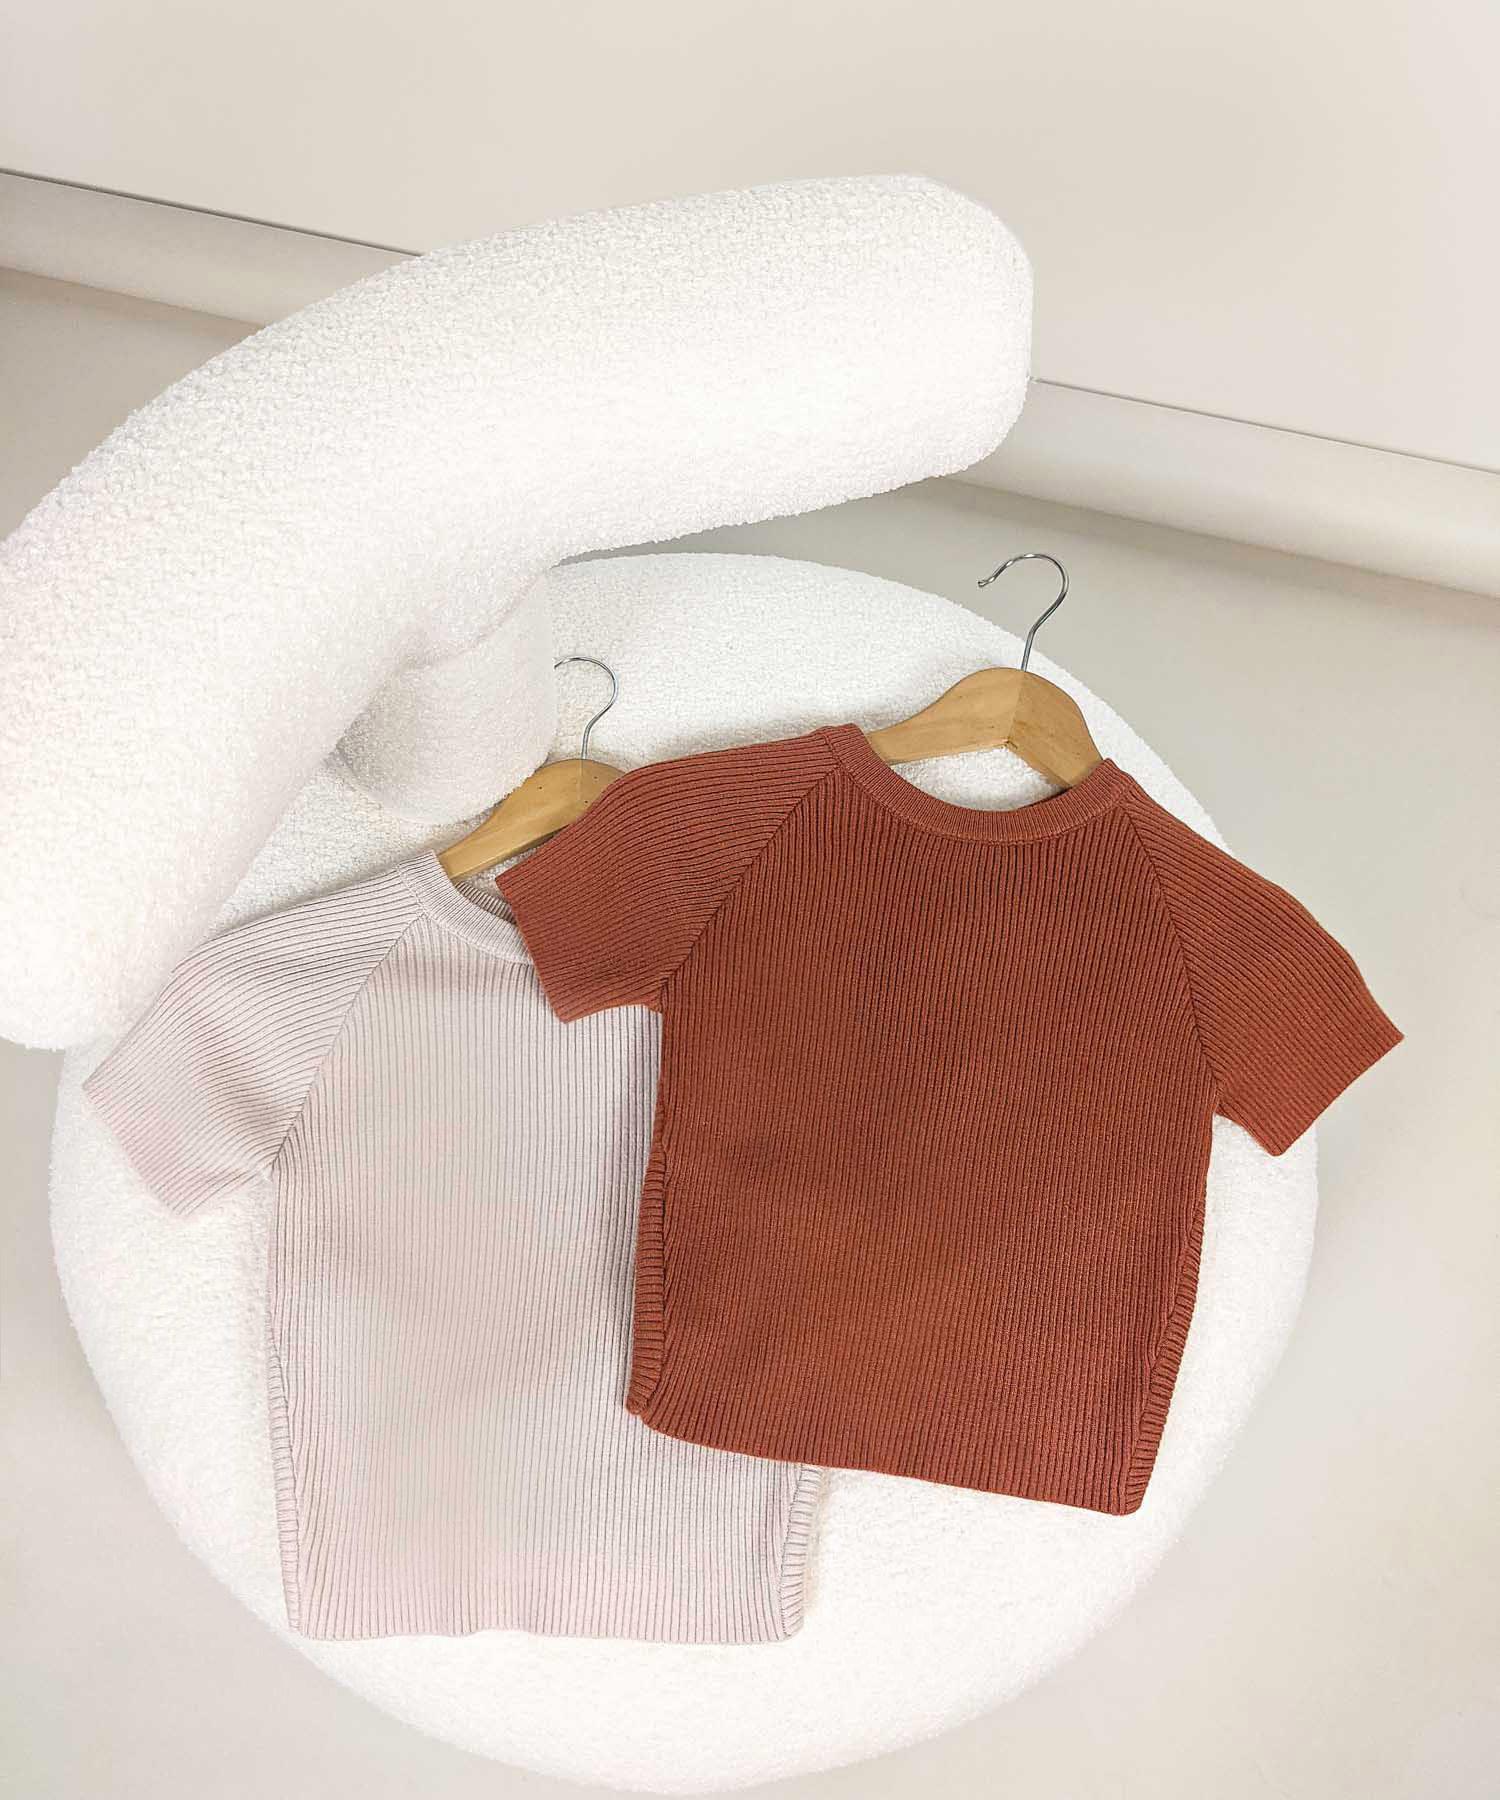 etta-knit-twist-back-top-bundle-of-2